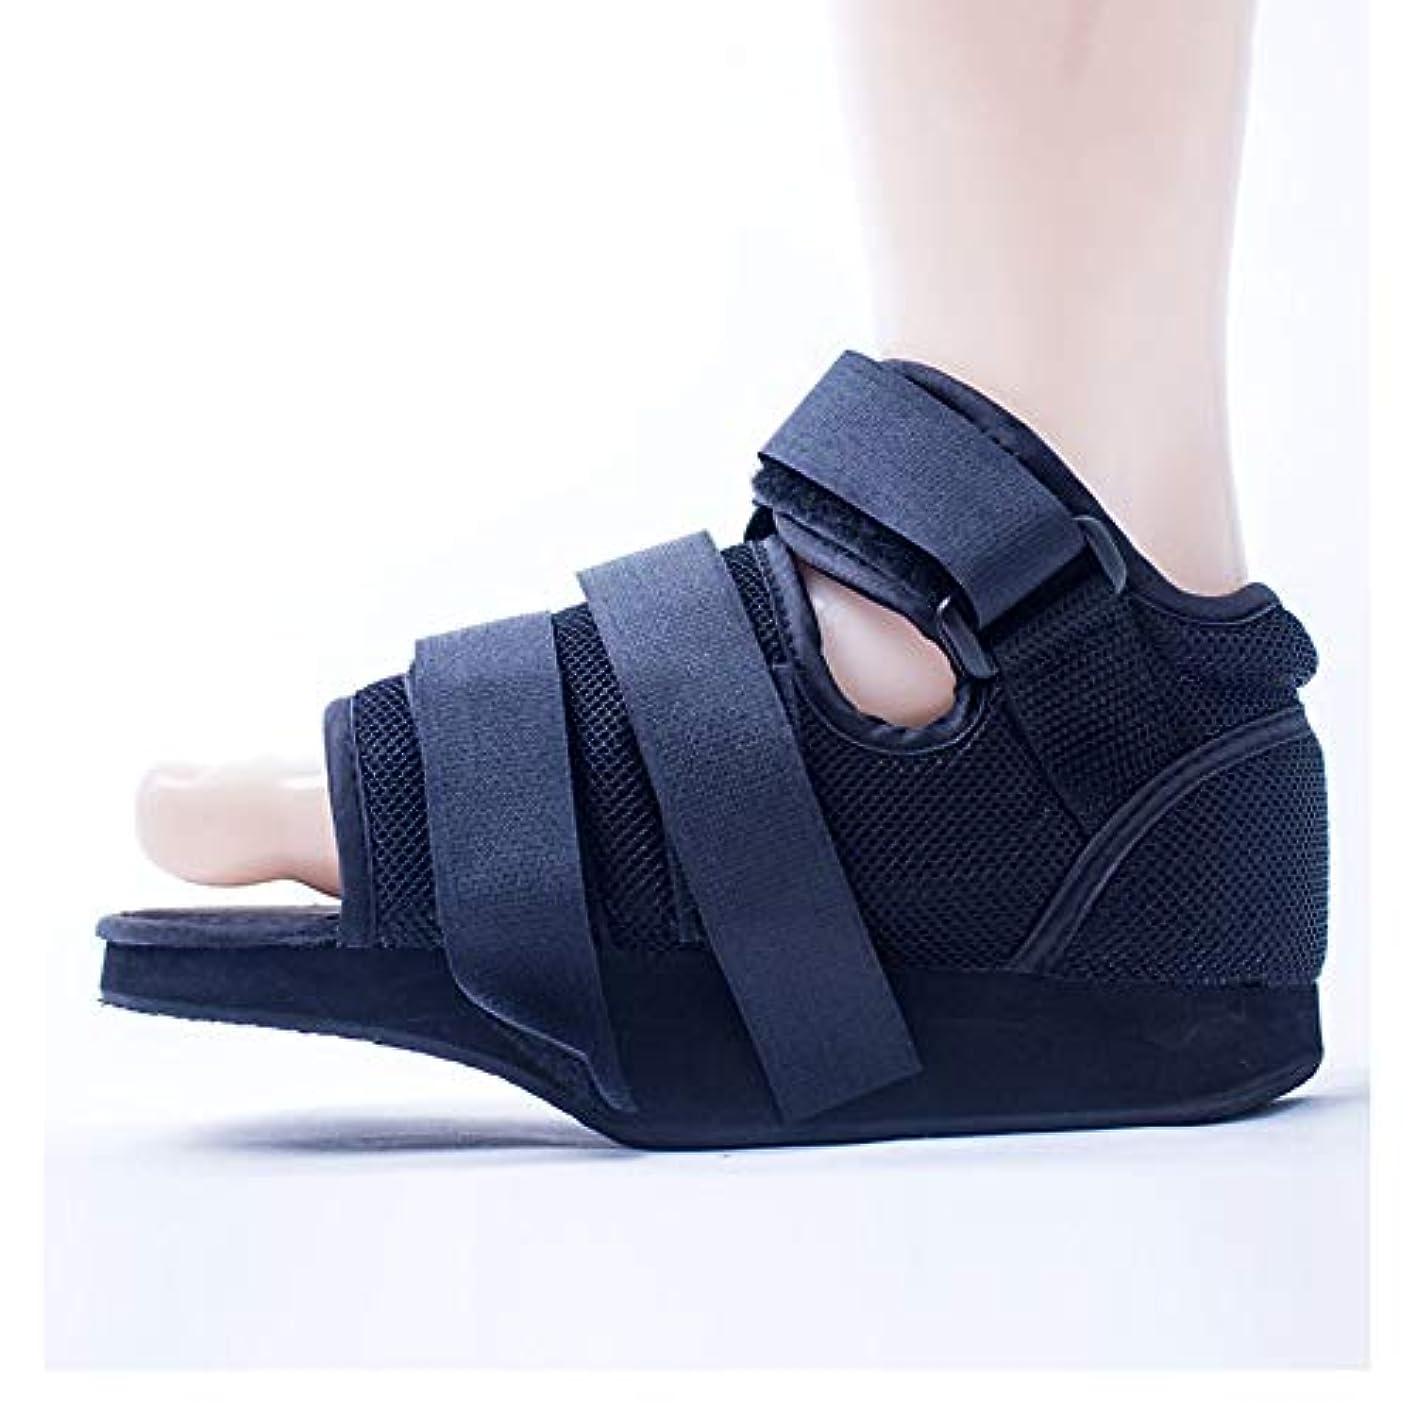 壊れたつま先/足の骨折のための術後スクエアトゥウォーキングシューズ - ボトムキャストシューズ術後の靴 - 調節可能な医療ウォーキングブーツ (Size : L)